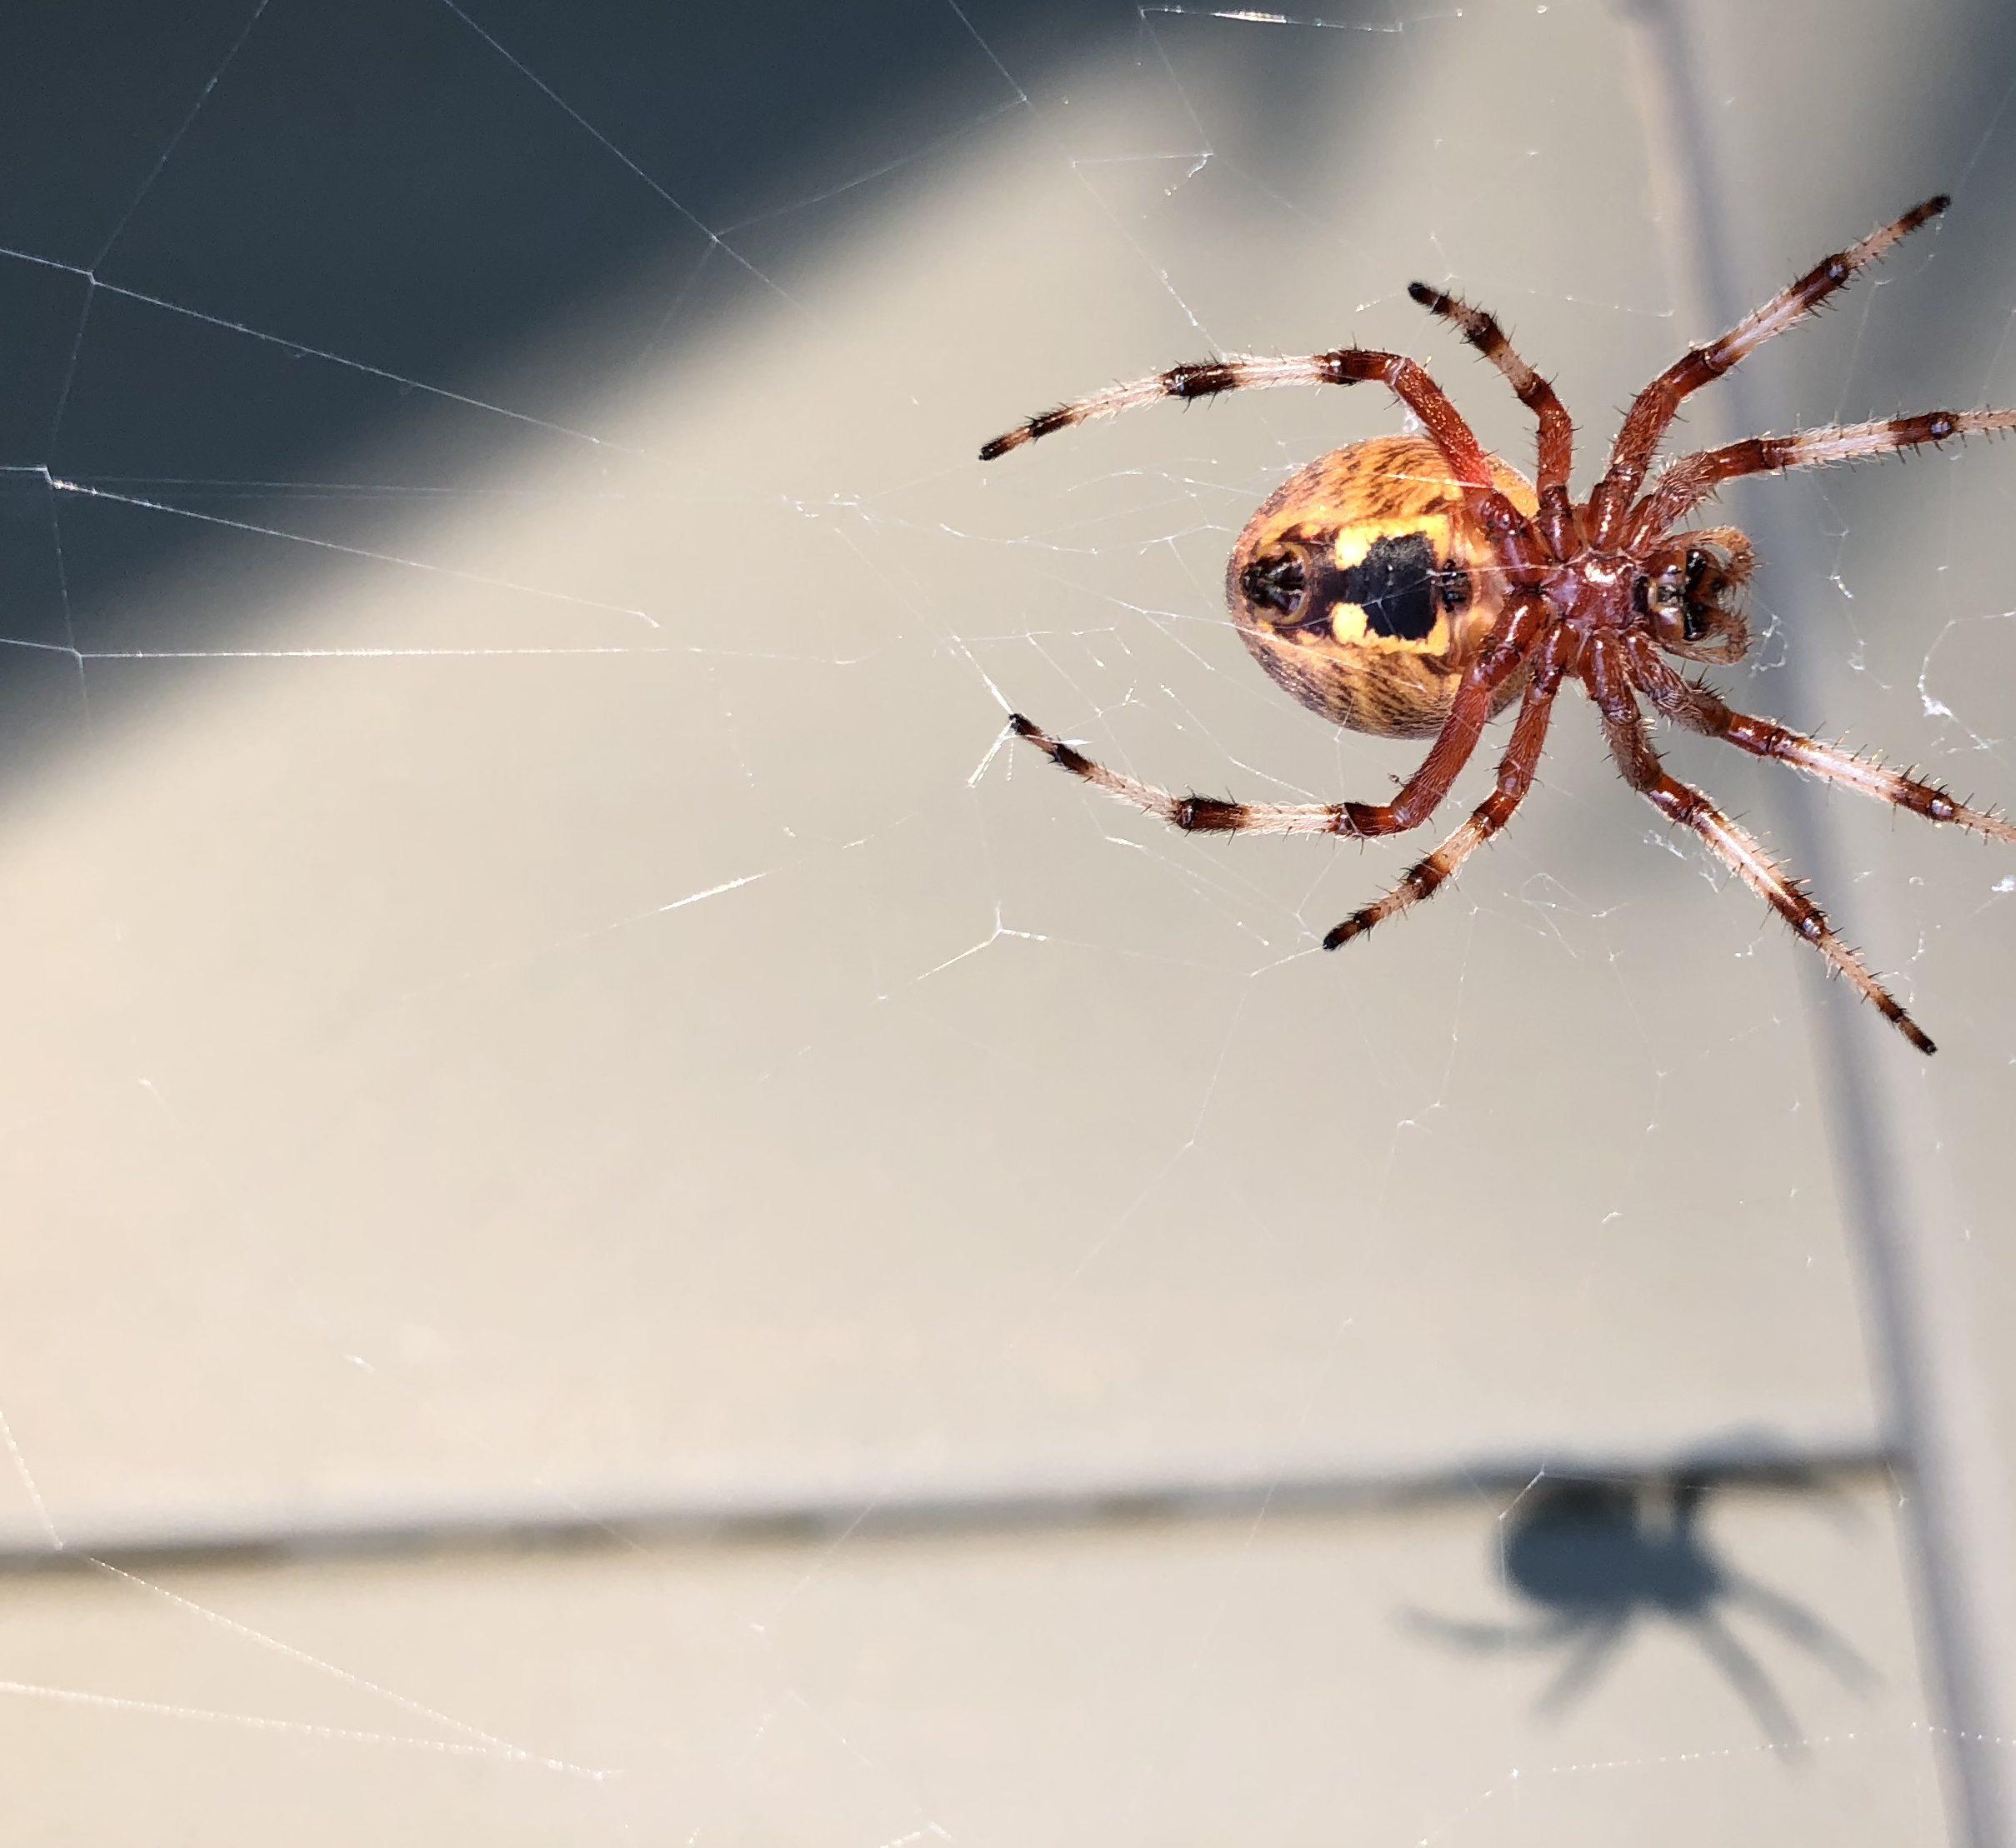 SpiderDeathicus